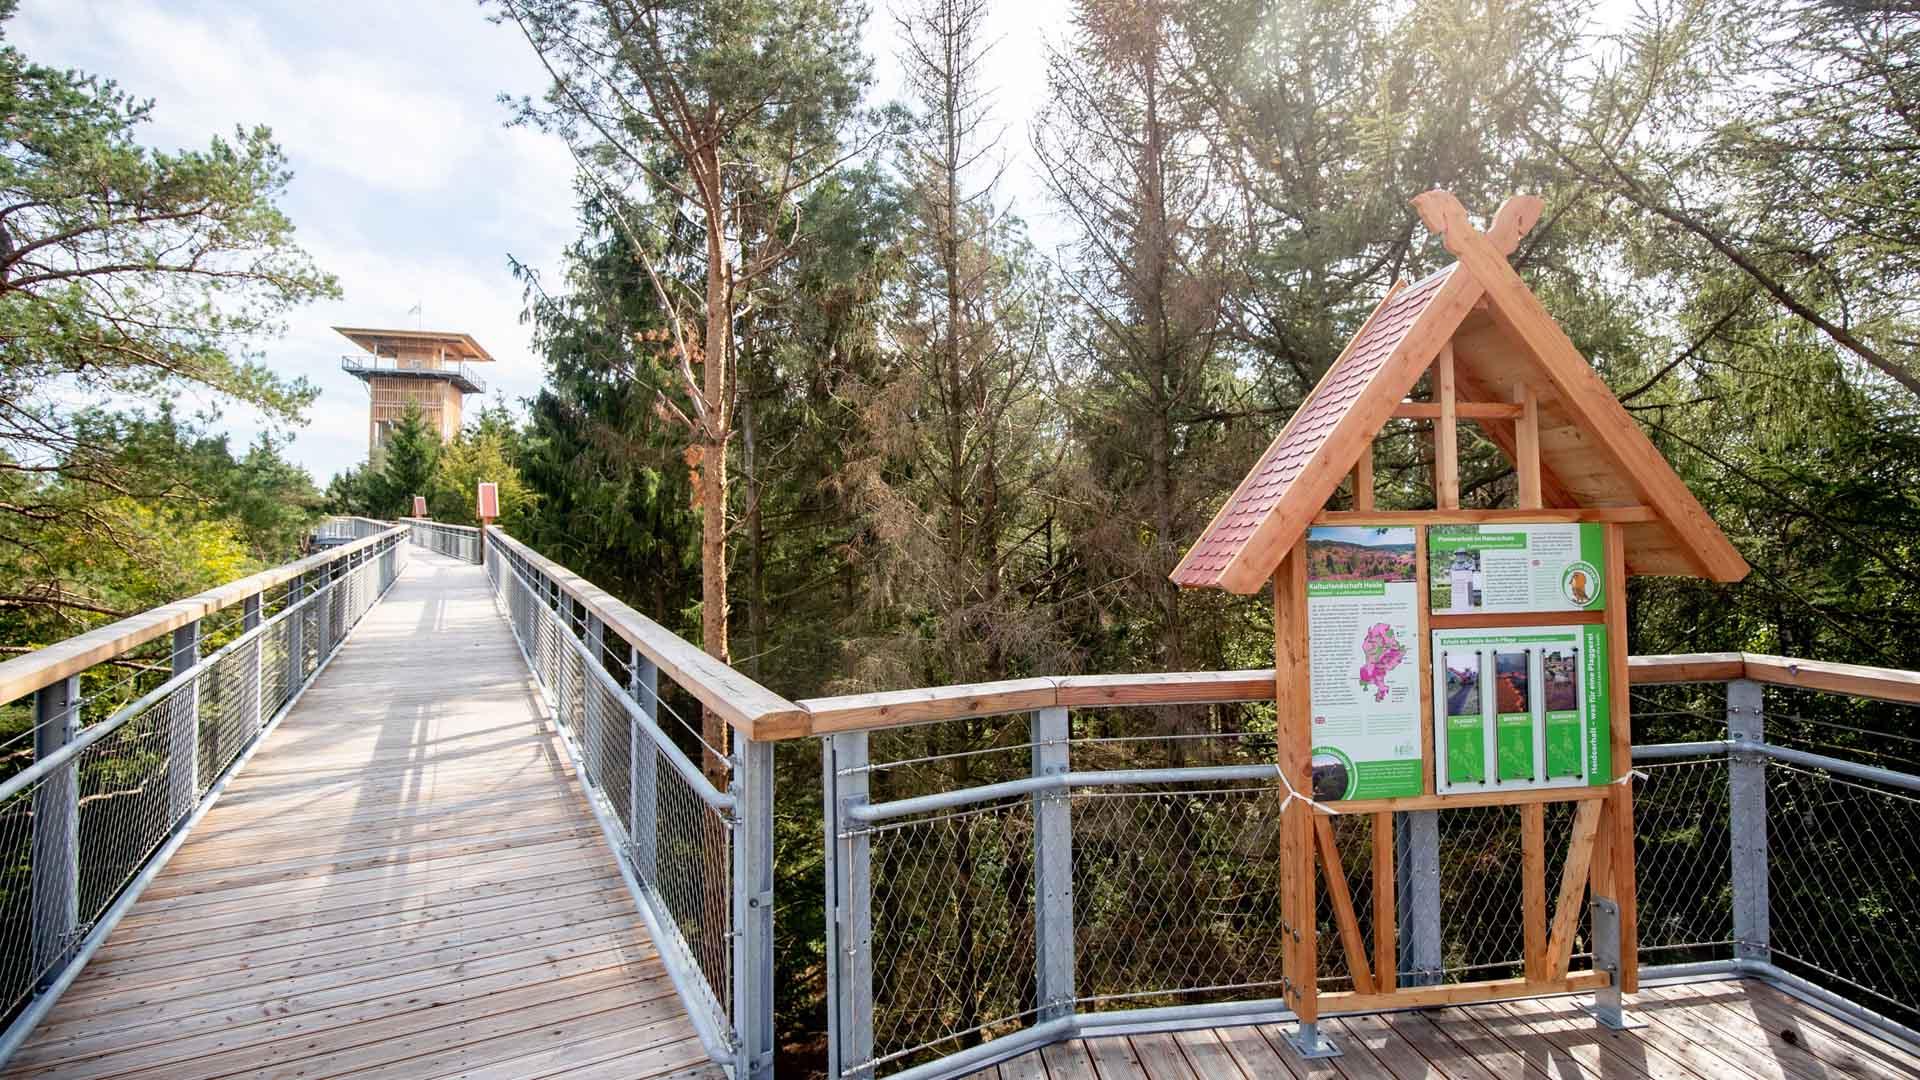 wildpark-luenburger-heide-baumwipfelpfad.jpg